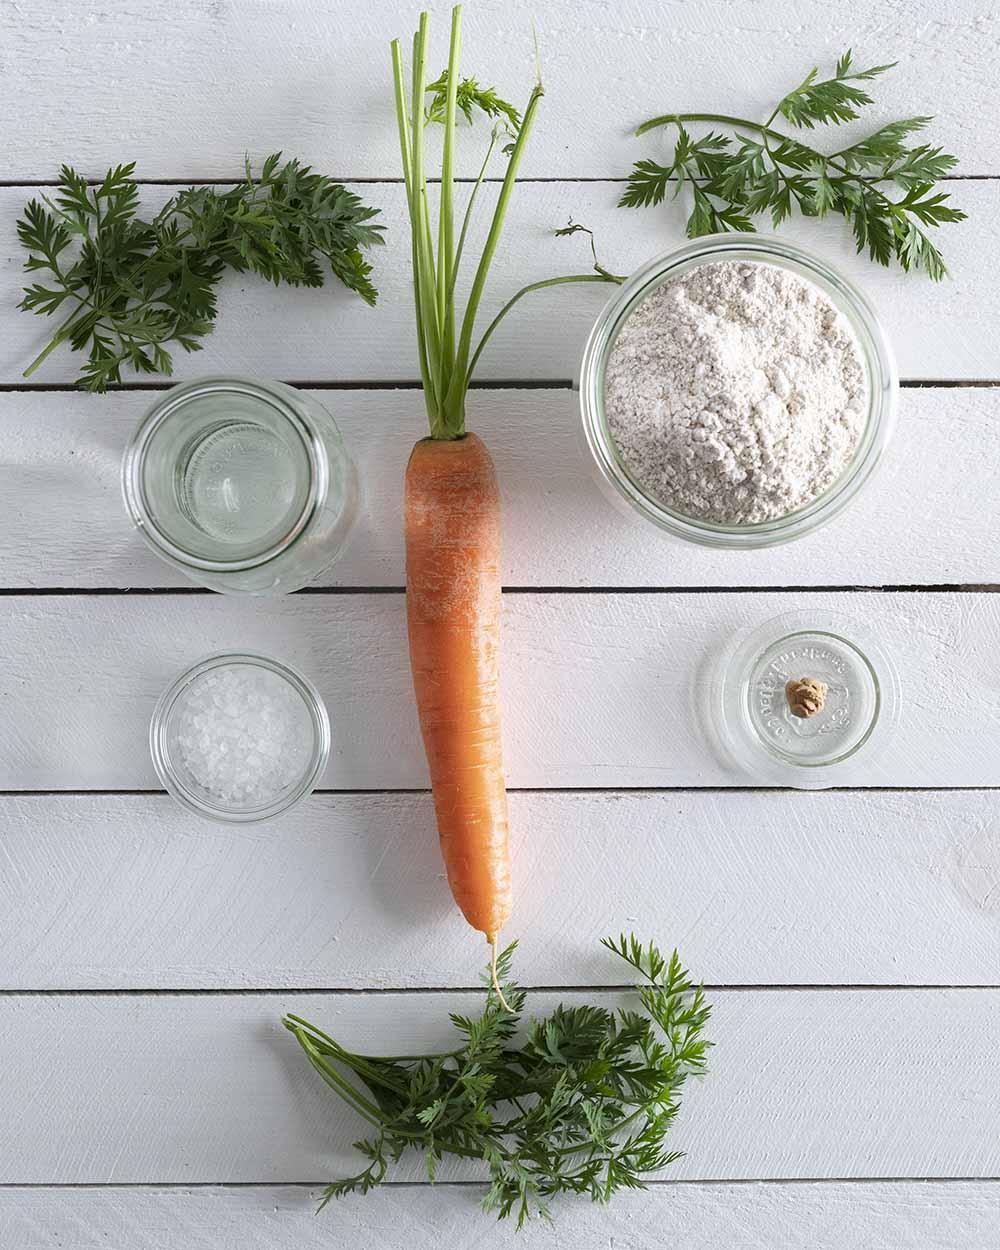 Die Zutaten für unser Wurzelbrot: Möhren, Möhrengrün, Mehl, Salz, Hefe und Wasser